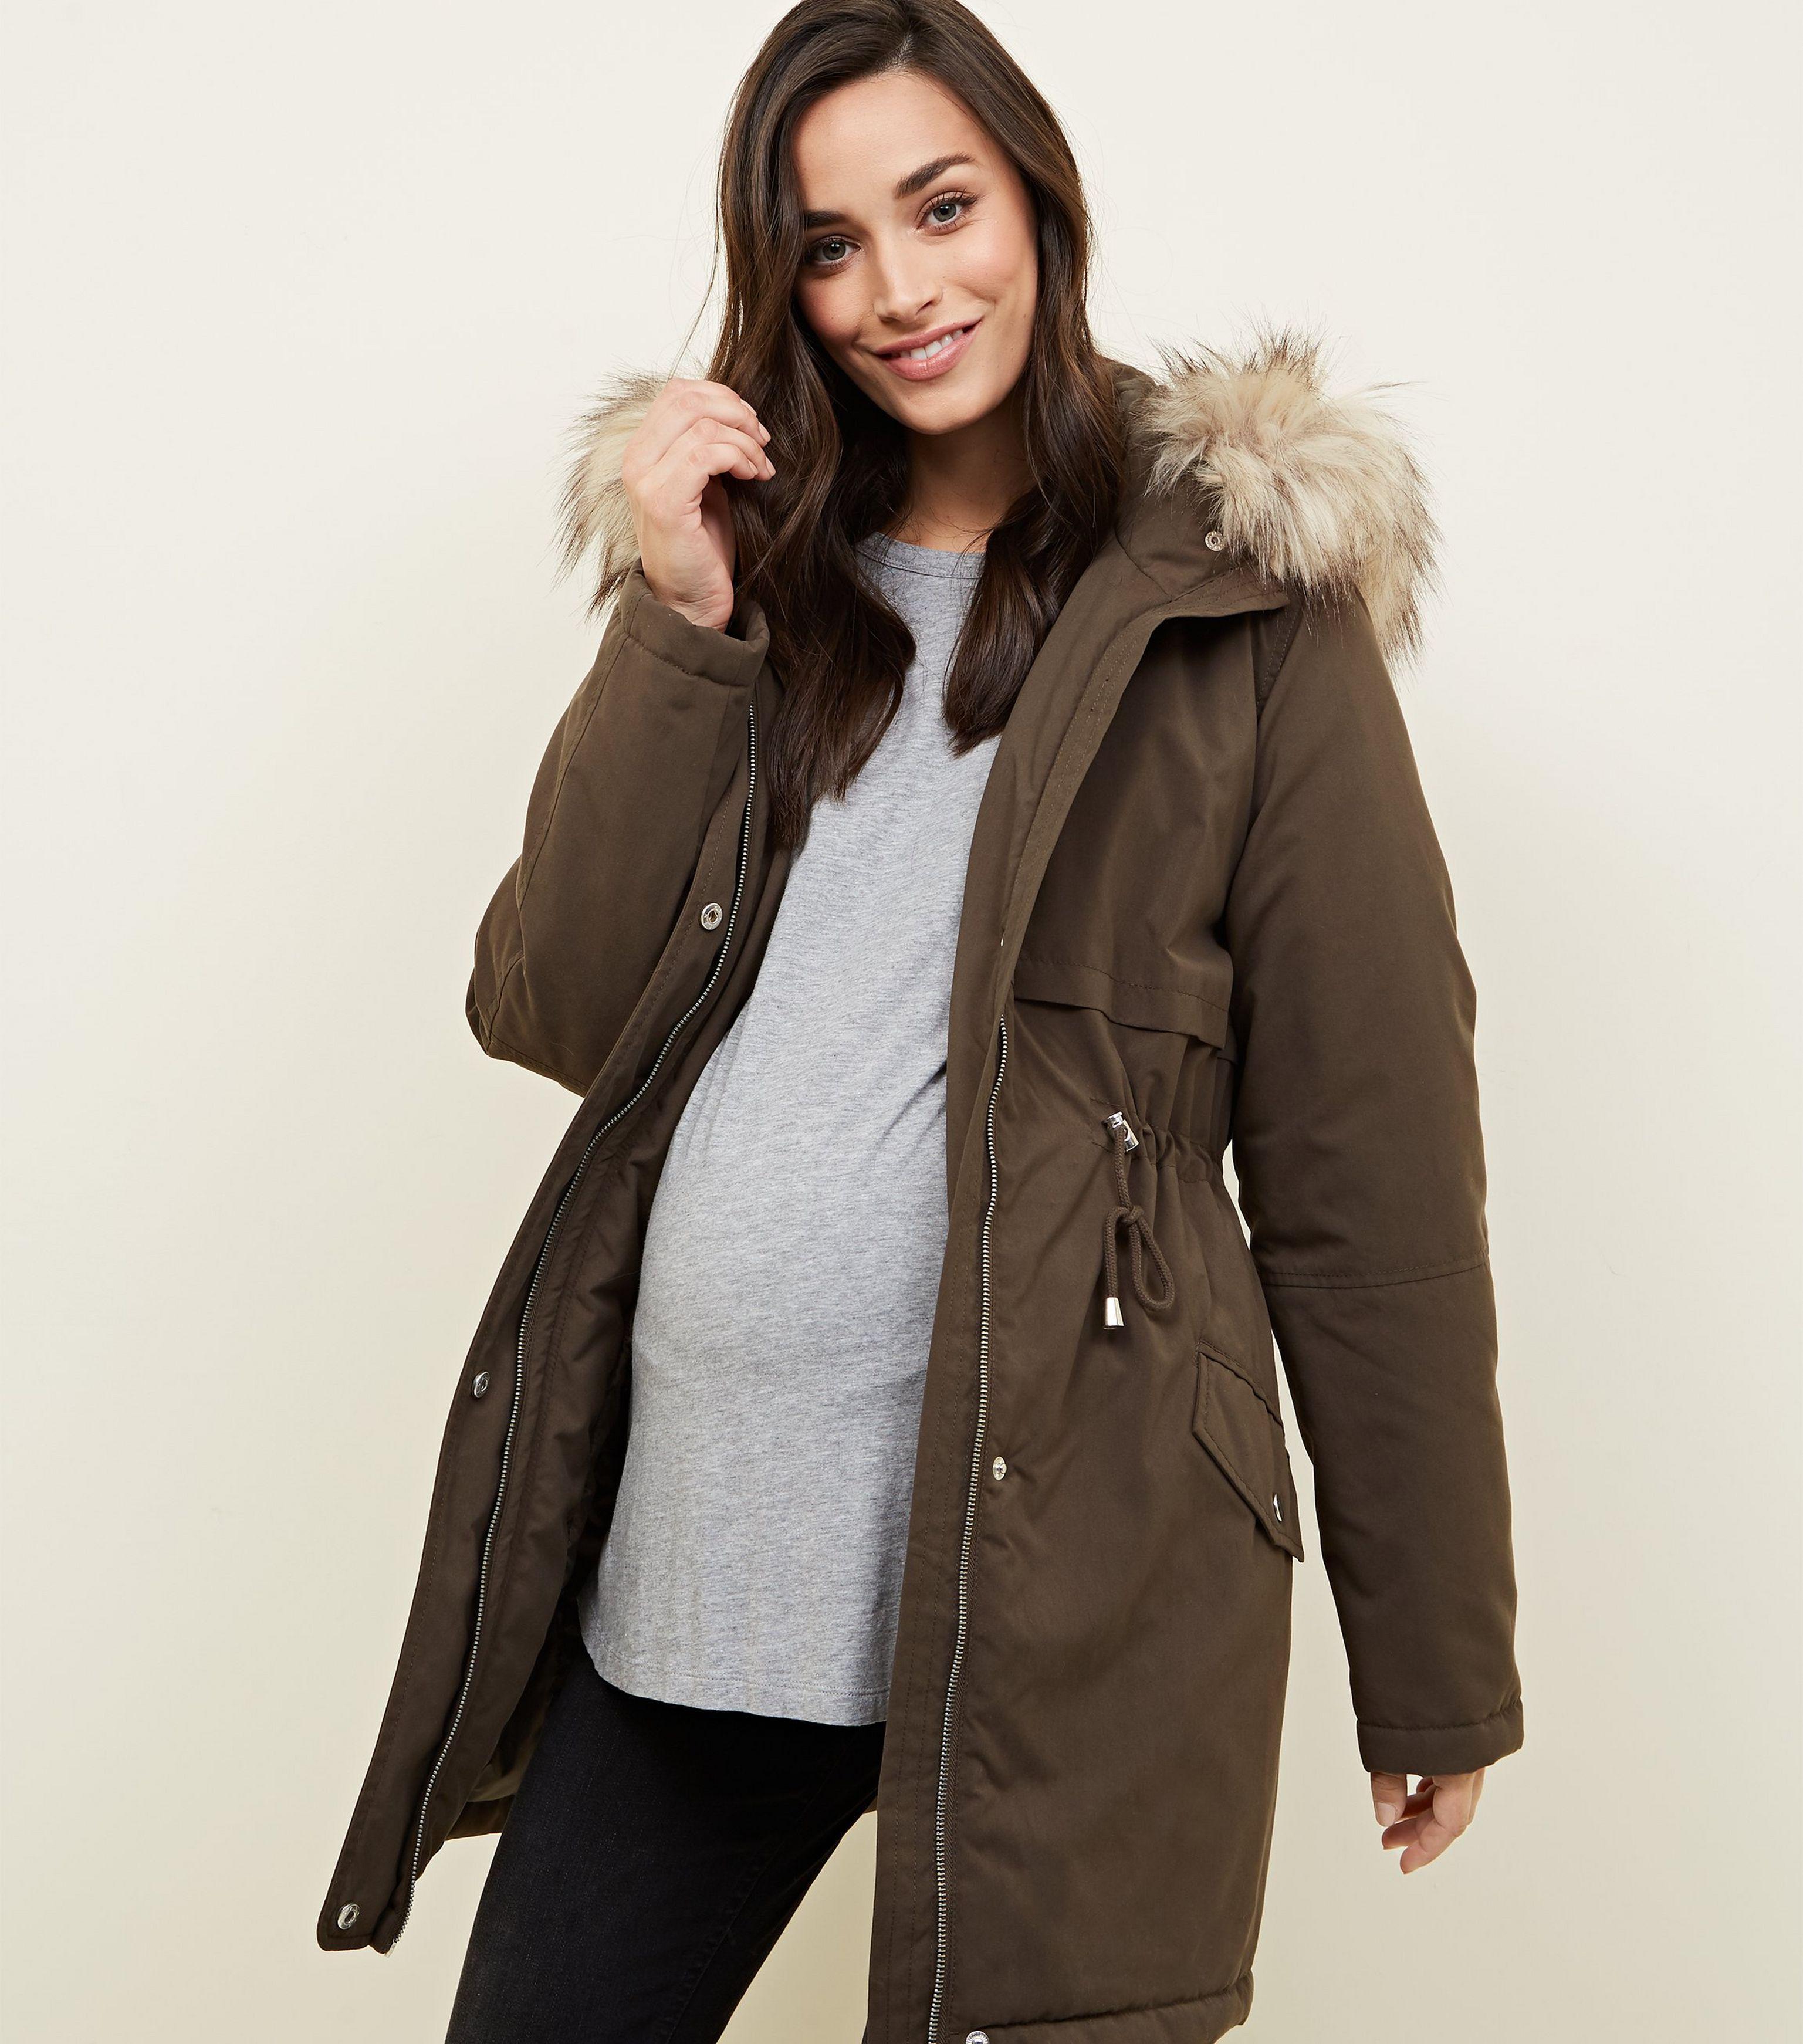 New Parka Lyst Hooded Faux Look Natural In Khaki Trim Fur Maternity rCr0Aq